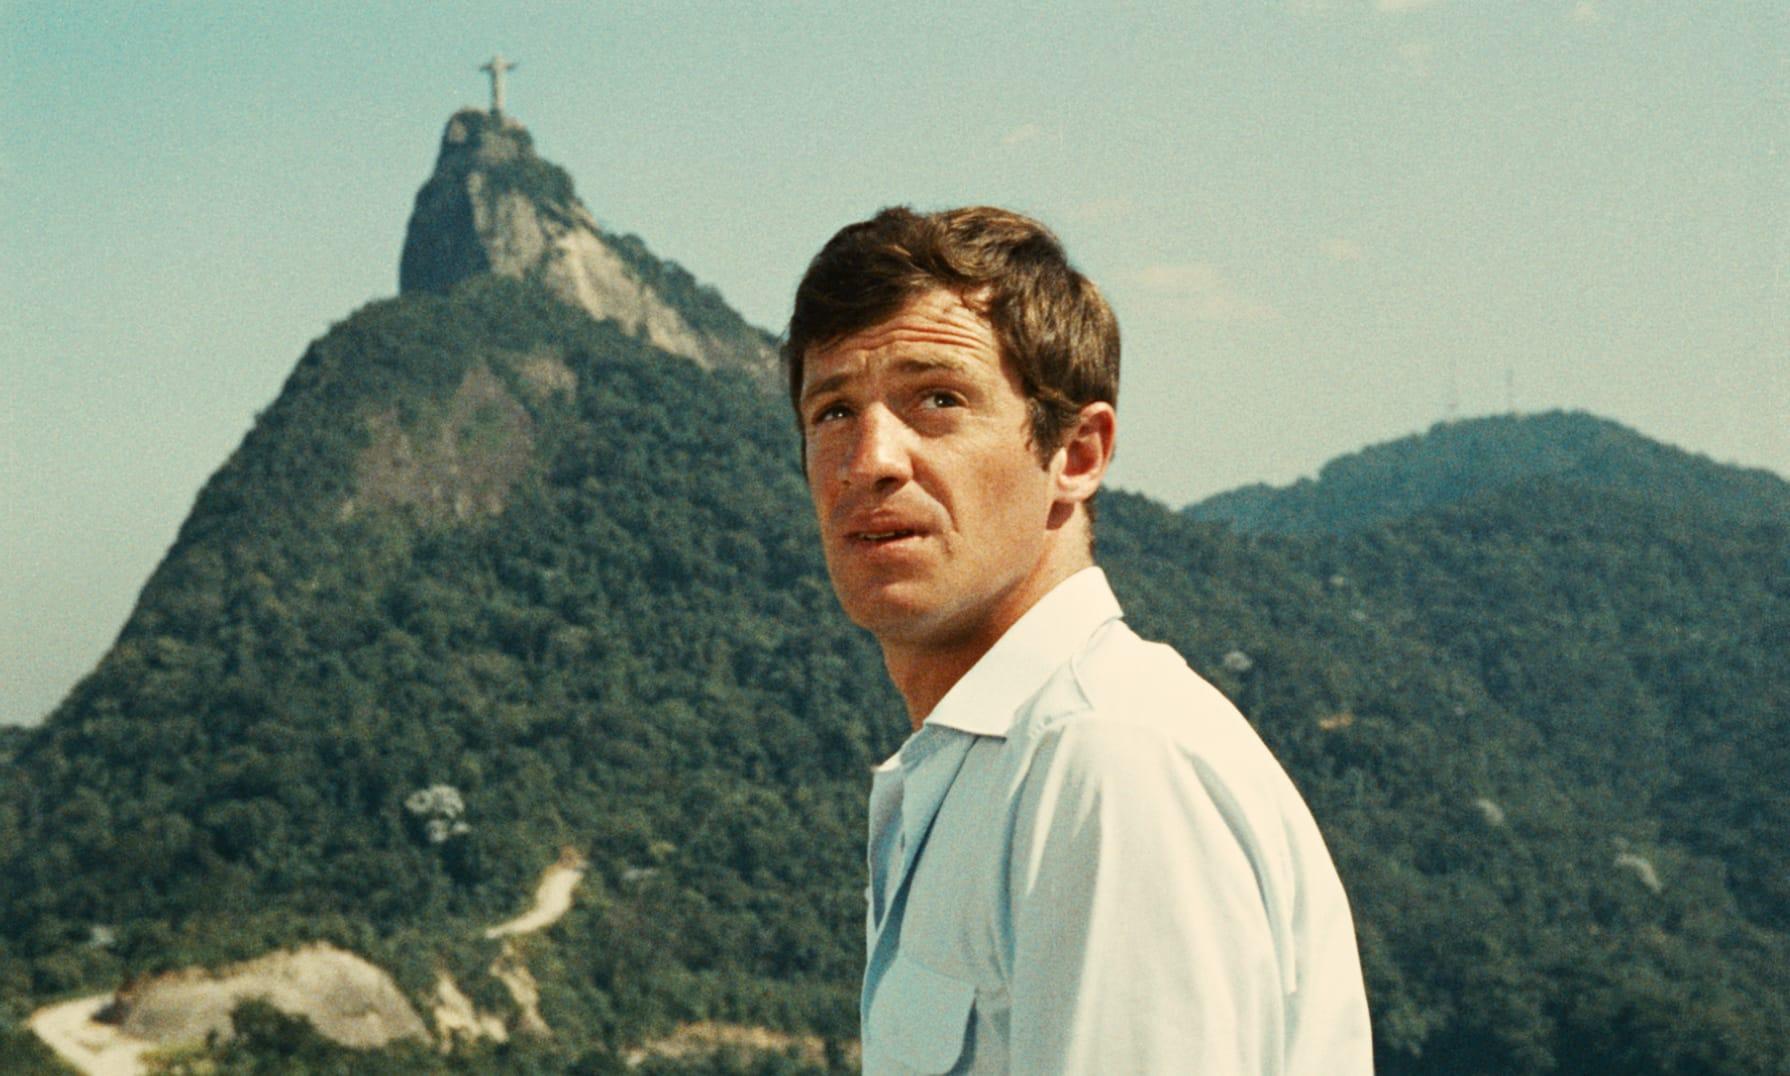 photo Jean-Paul Belmondo dans L'Homme de Rio film cinéma